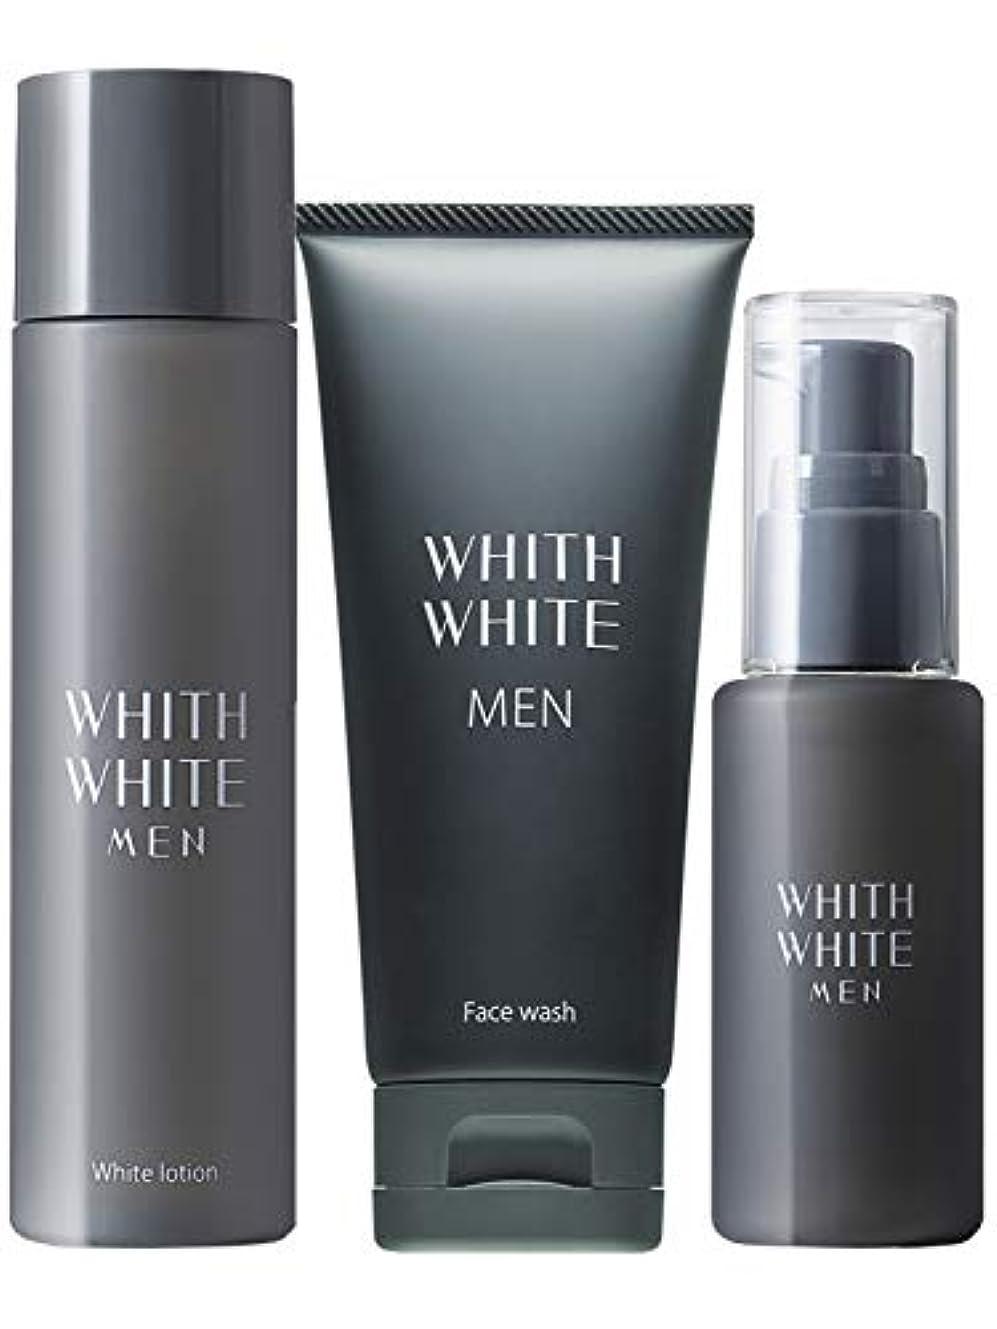 ブラウザ雹全部メンズ スキンケア セット 医薬部外品 洗顔 & 化粧水 & 美容液 フィス ホワイト 「30代~50代の 男性 専用」「 男 の しみ くすみ 完全対策 」( 男性用 化粧品 ) 95g & 120ml & 50ml